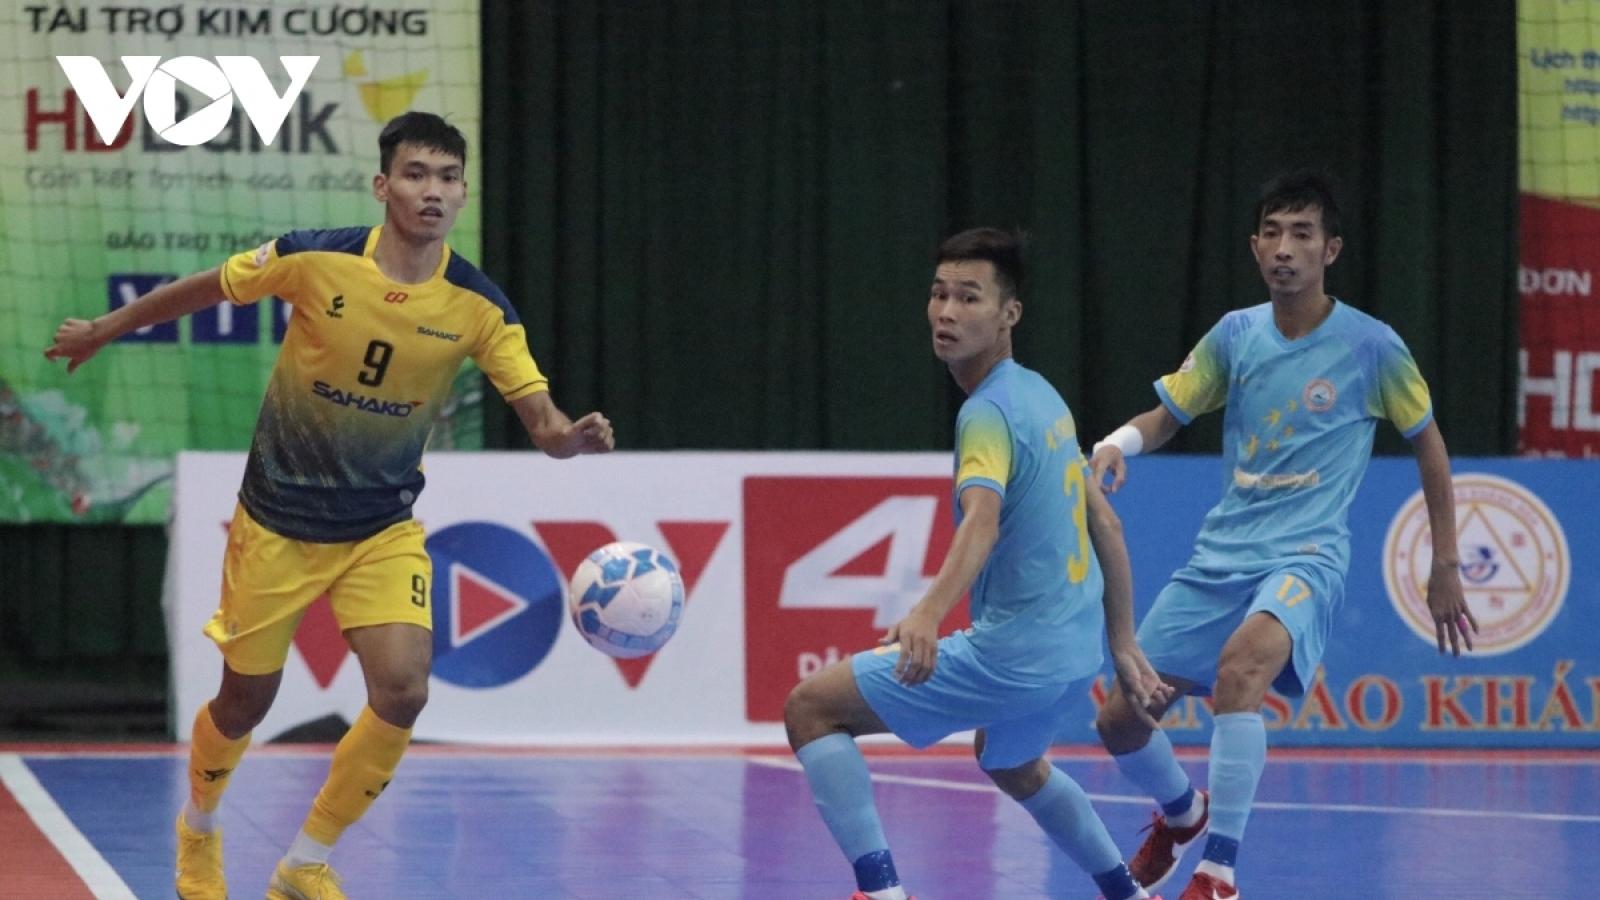 Xem trực tiếp Futsal HDBank VĐQG 2021: Sanatech Khánh Hòa - Hưng Gia Khang Đắk Lắk